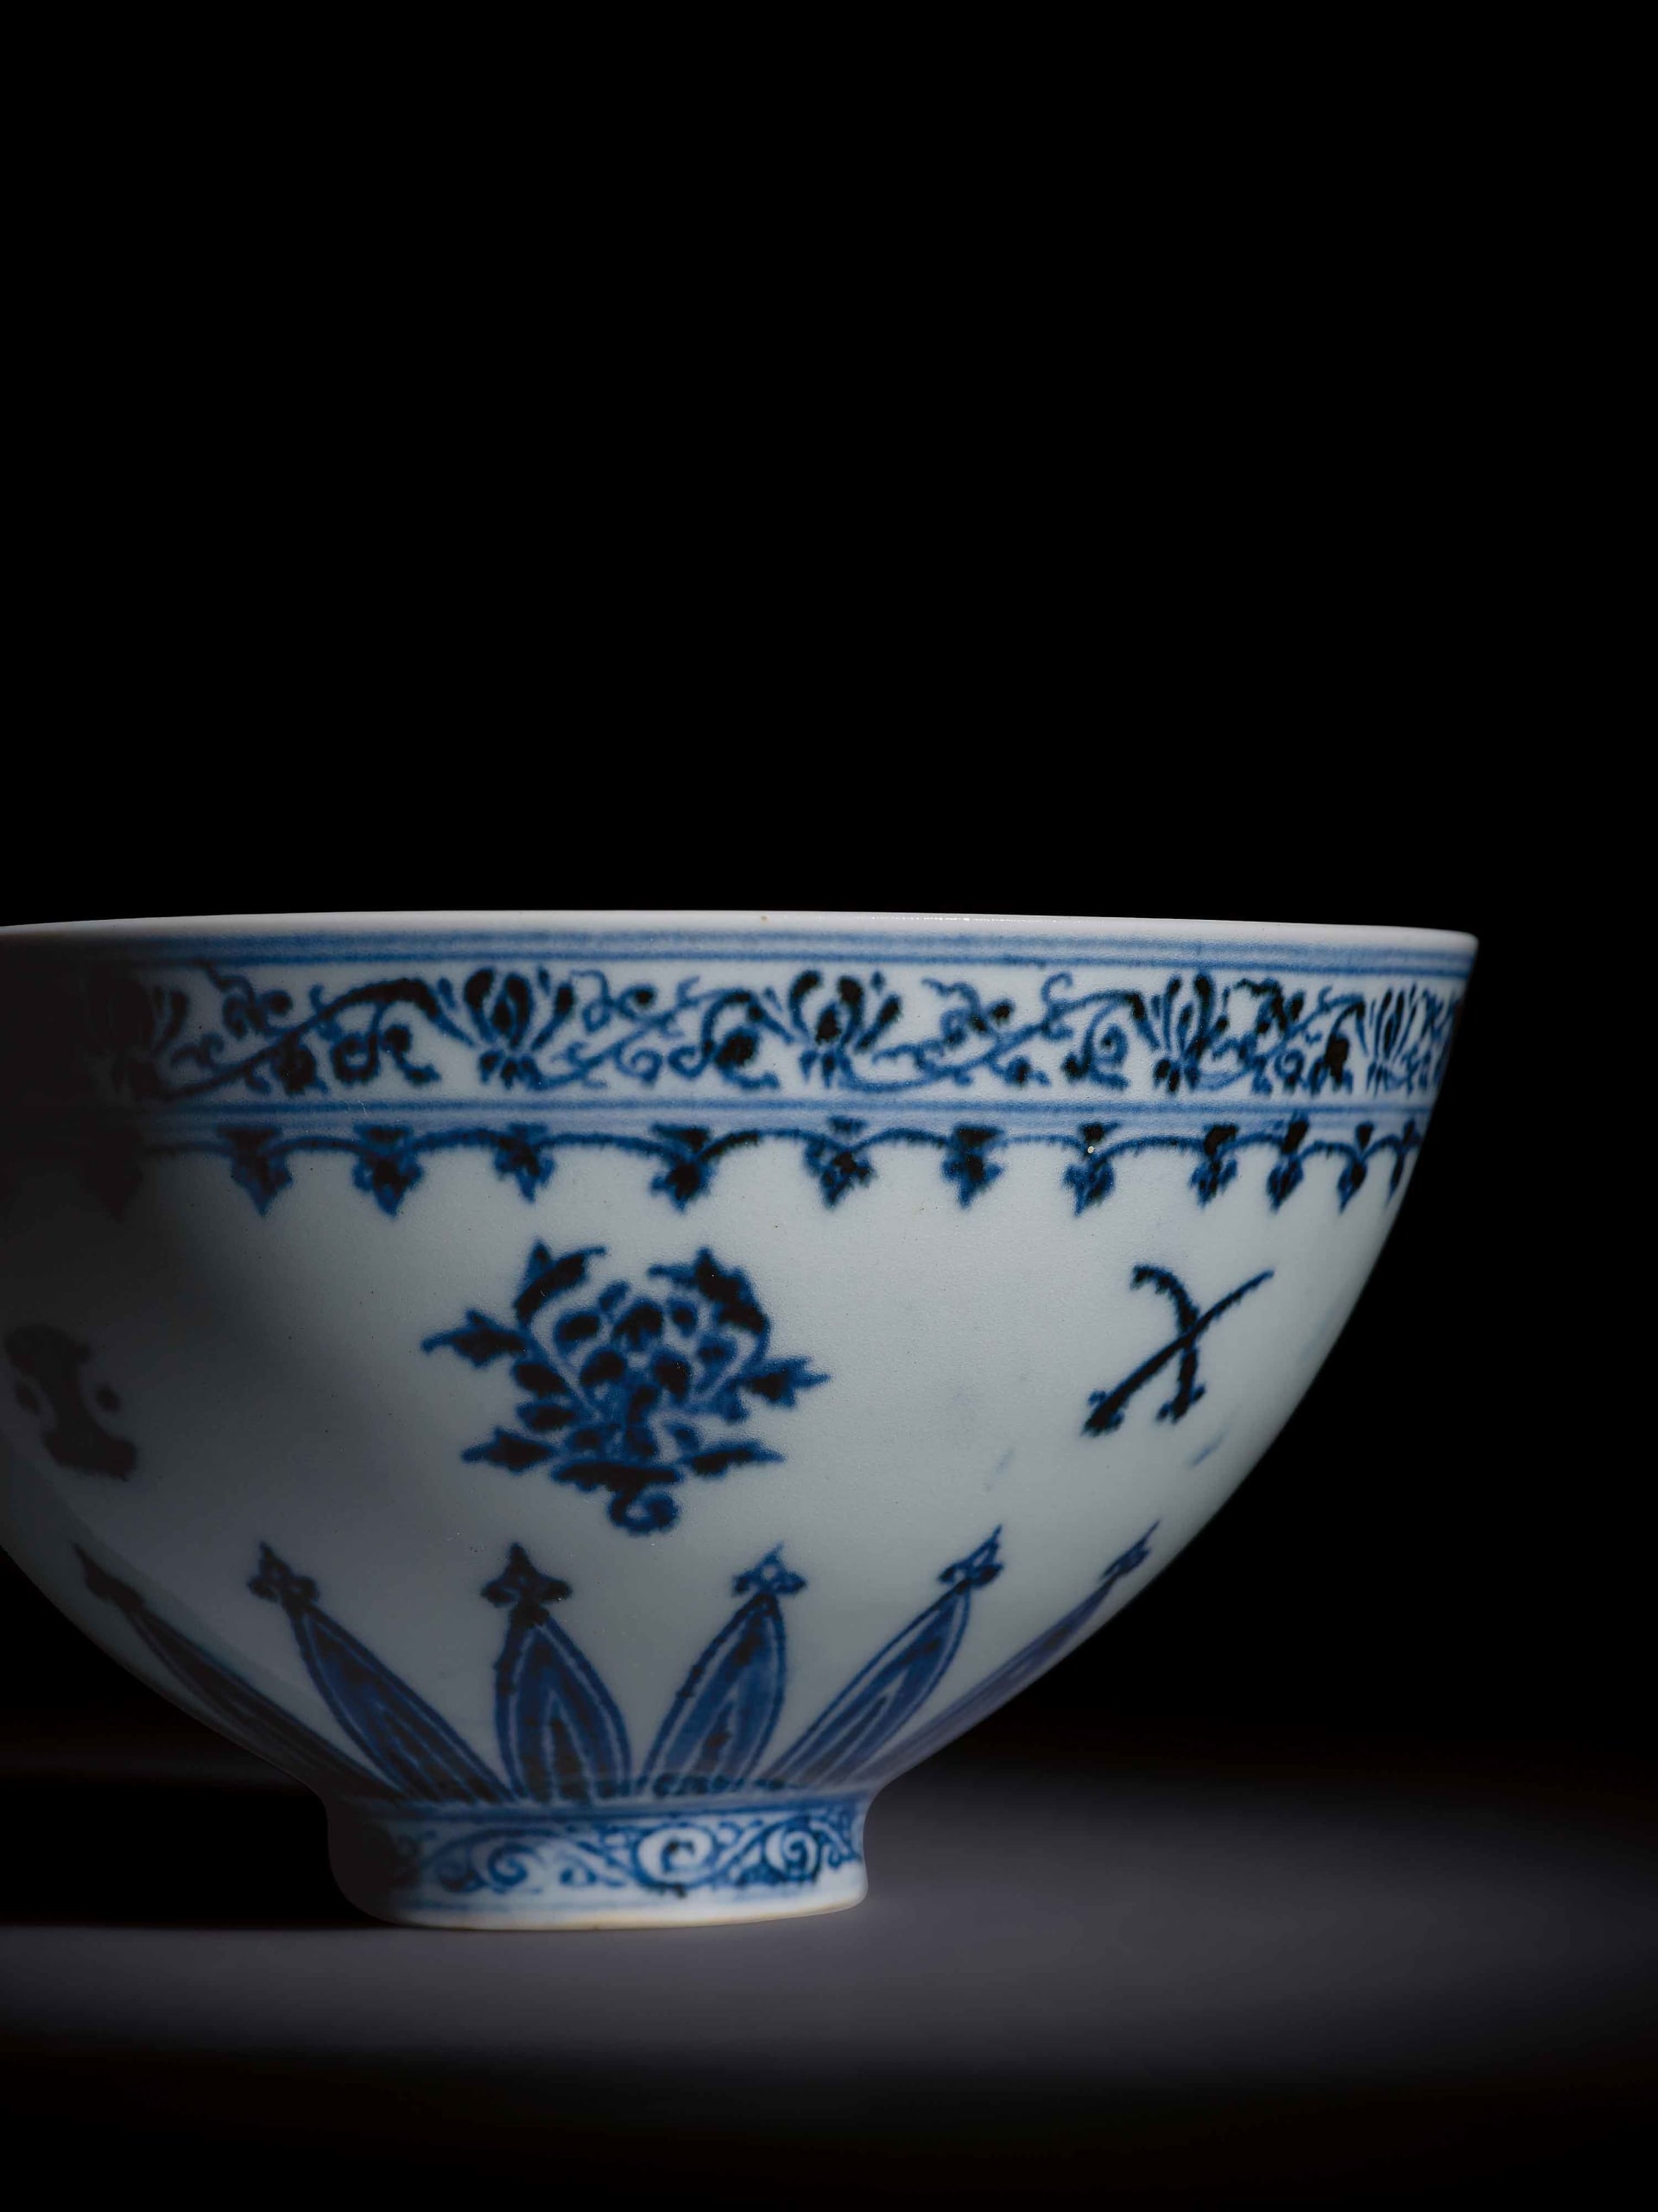 وعاء صيني نادر